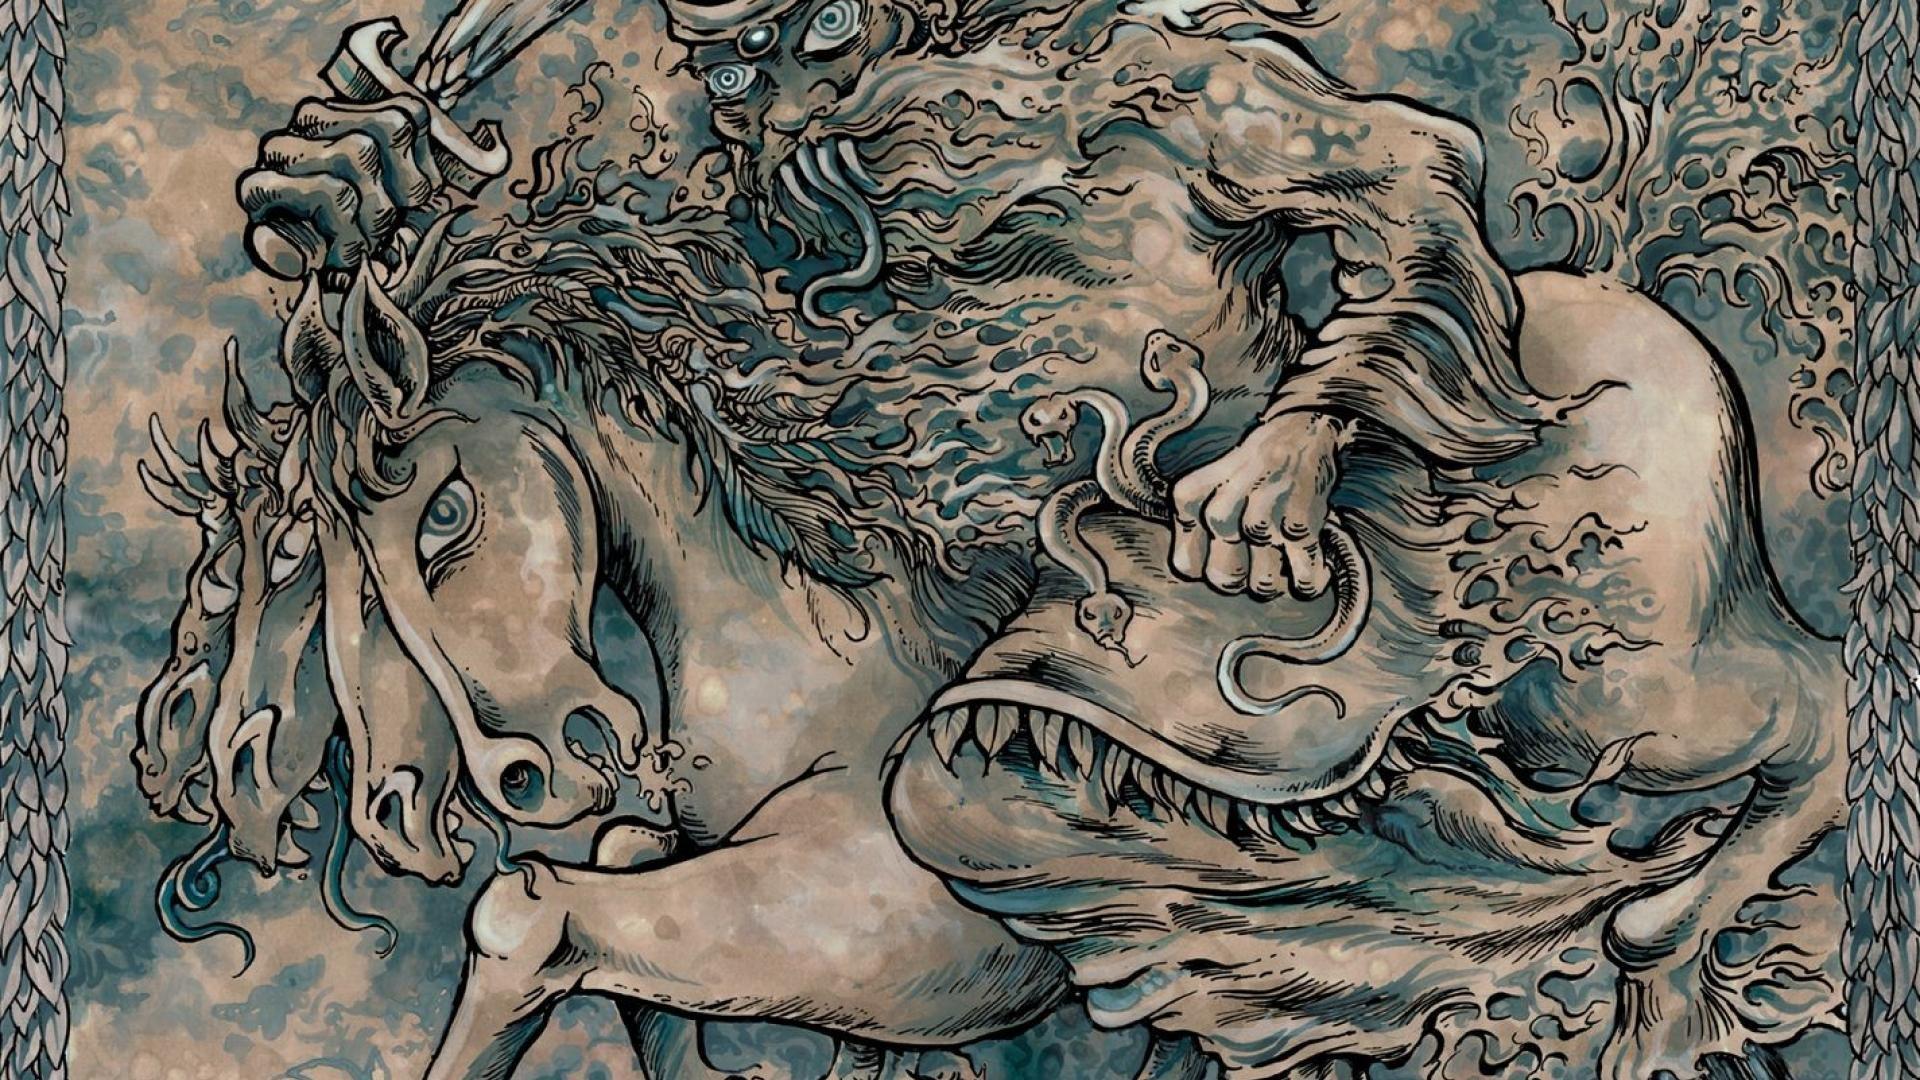 Album covers experimental stoner metal 2003 wallpaper